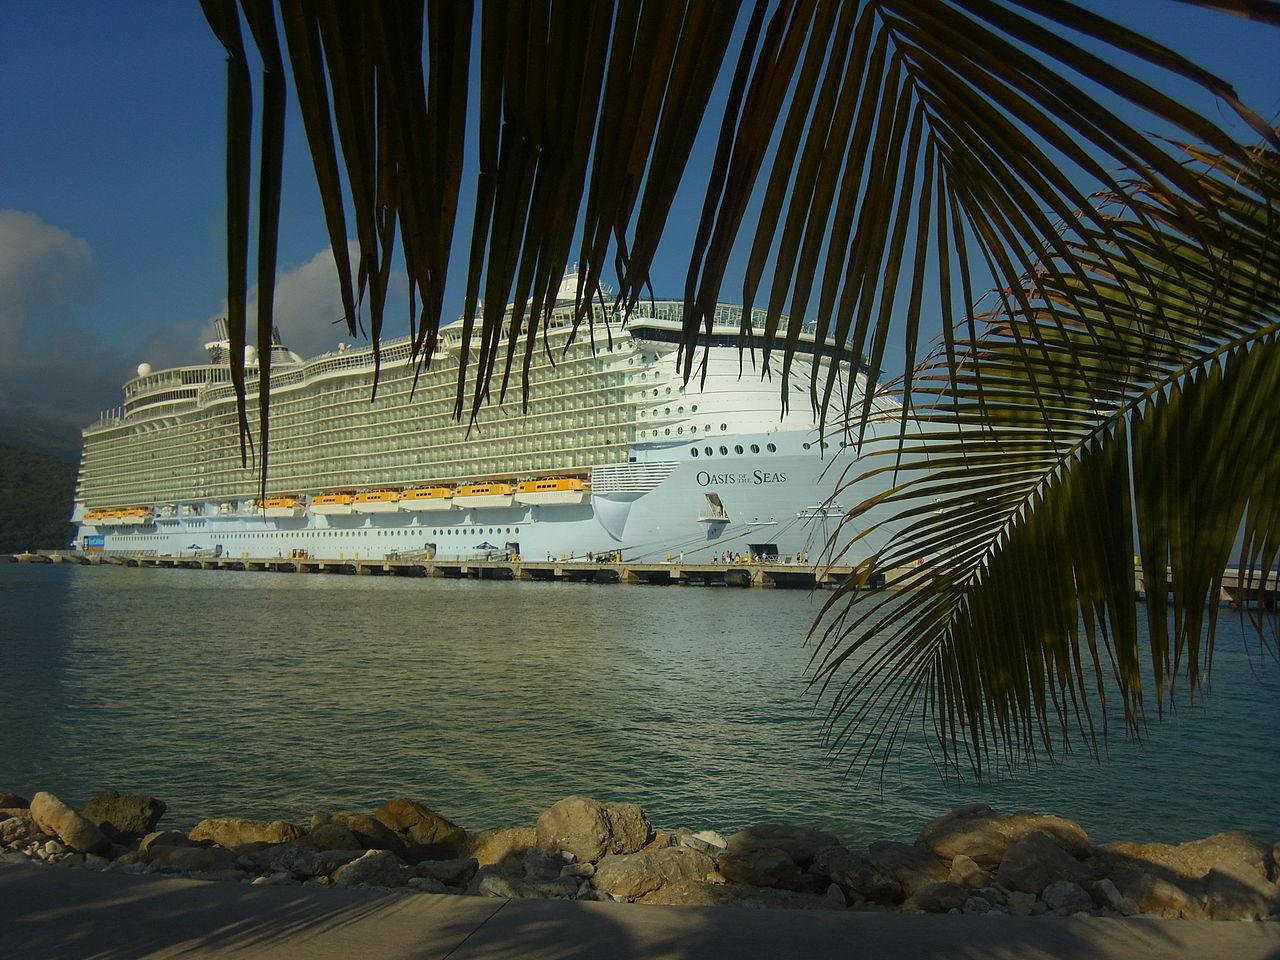 filems oasis of the seas labadee haiti august 2011